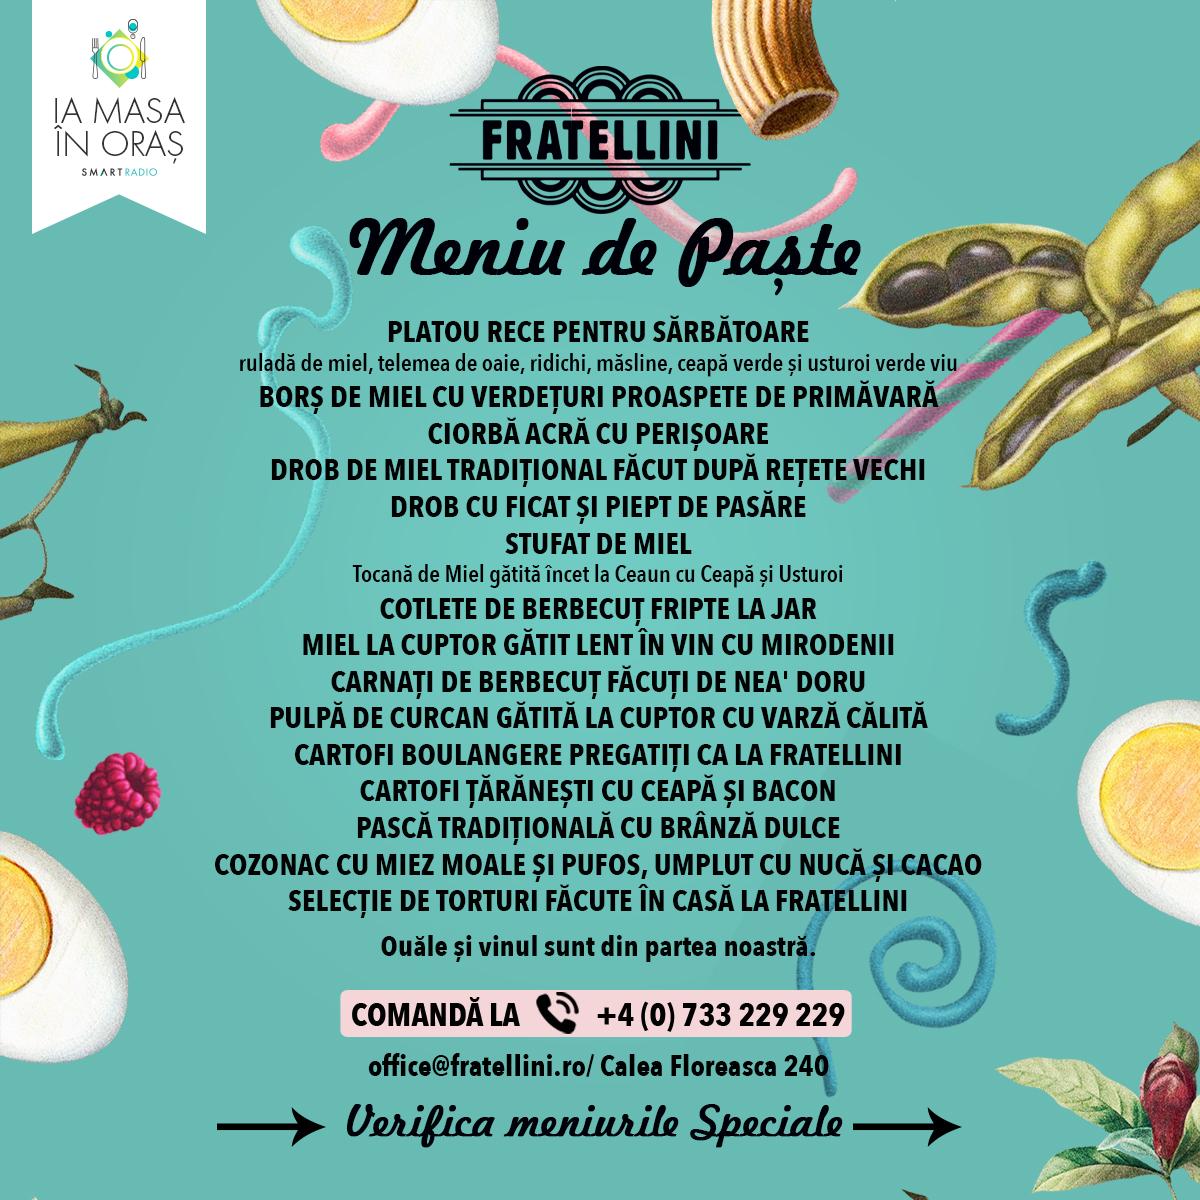 IA MASA ÎN ORAȘ! – Smart îți recomandă Meniuri Speciale de Paște de la Fratellini Bistro